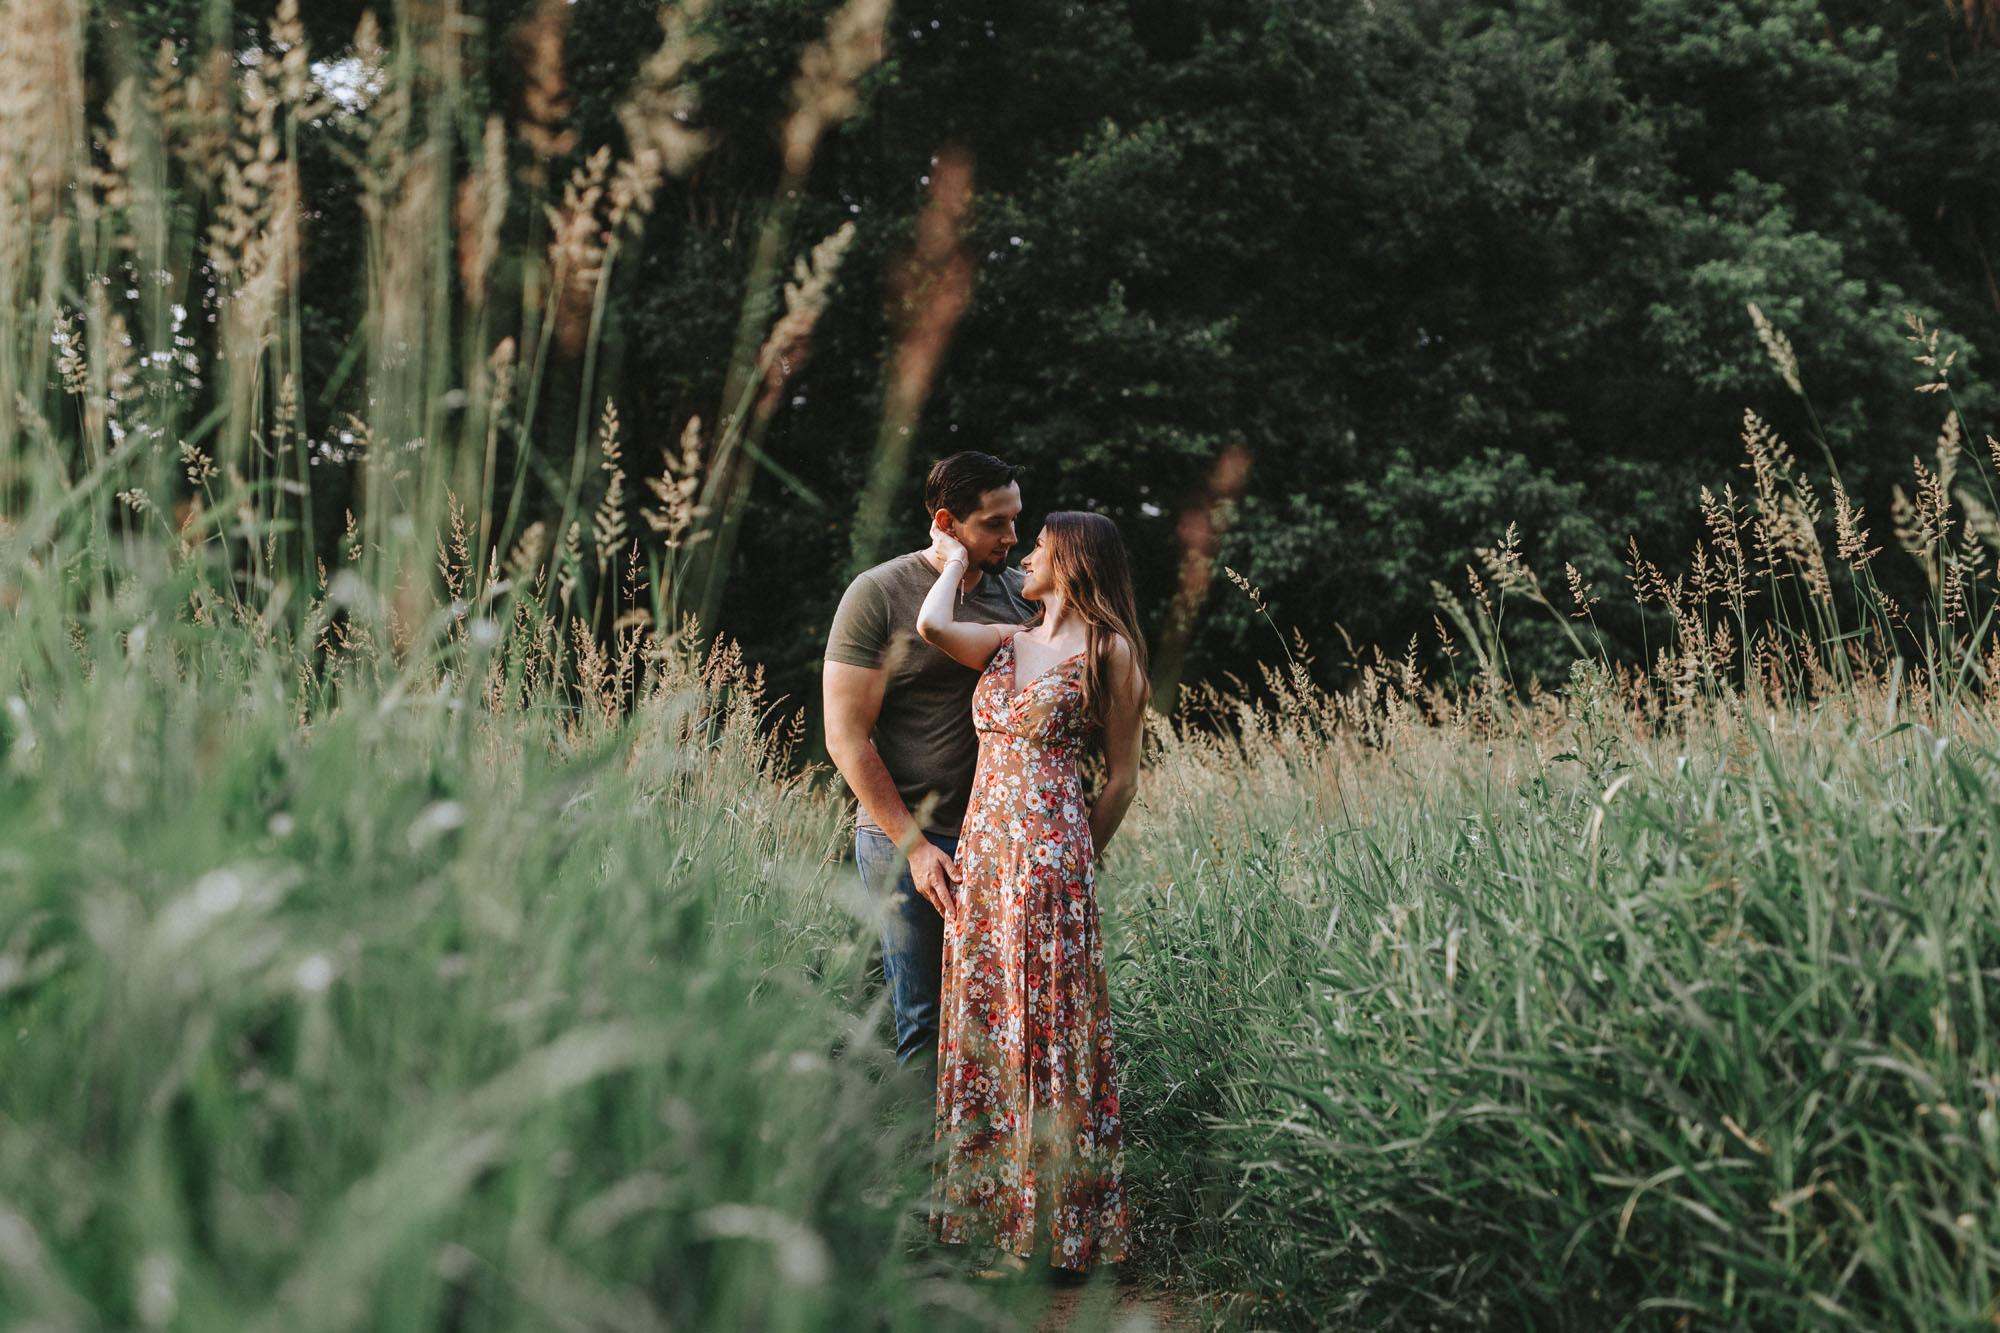 Twisted-Oaks-Studio-Tyler-Park-Engagement-9943.jpg